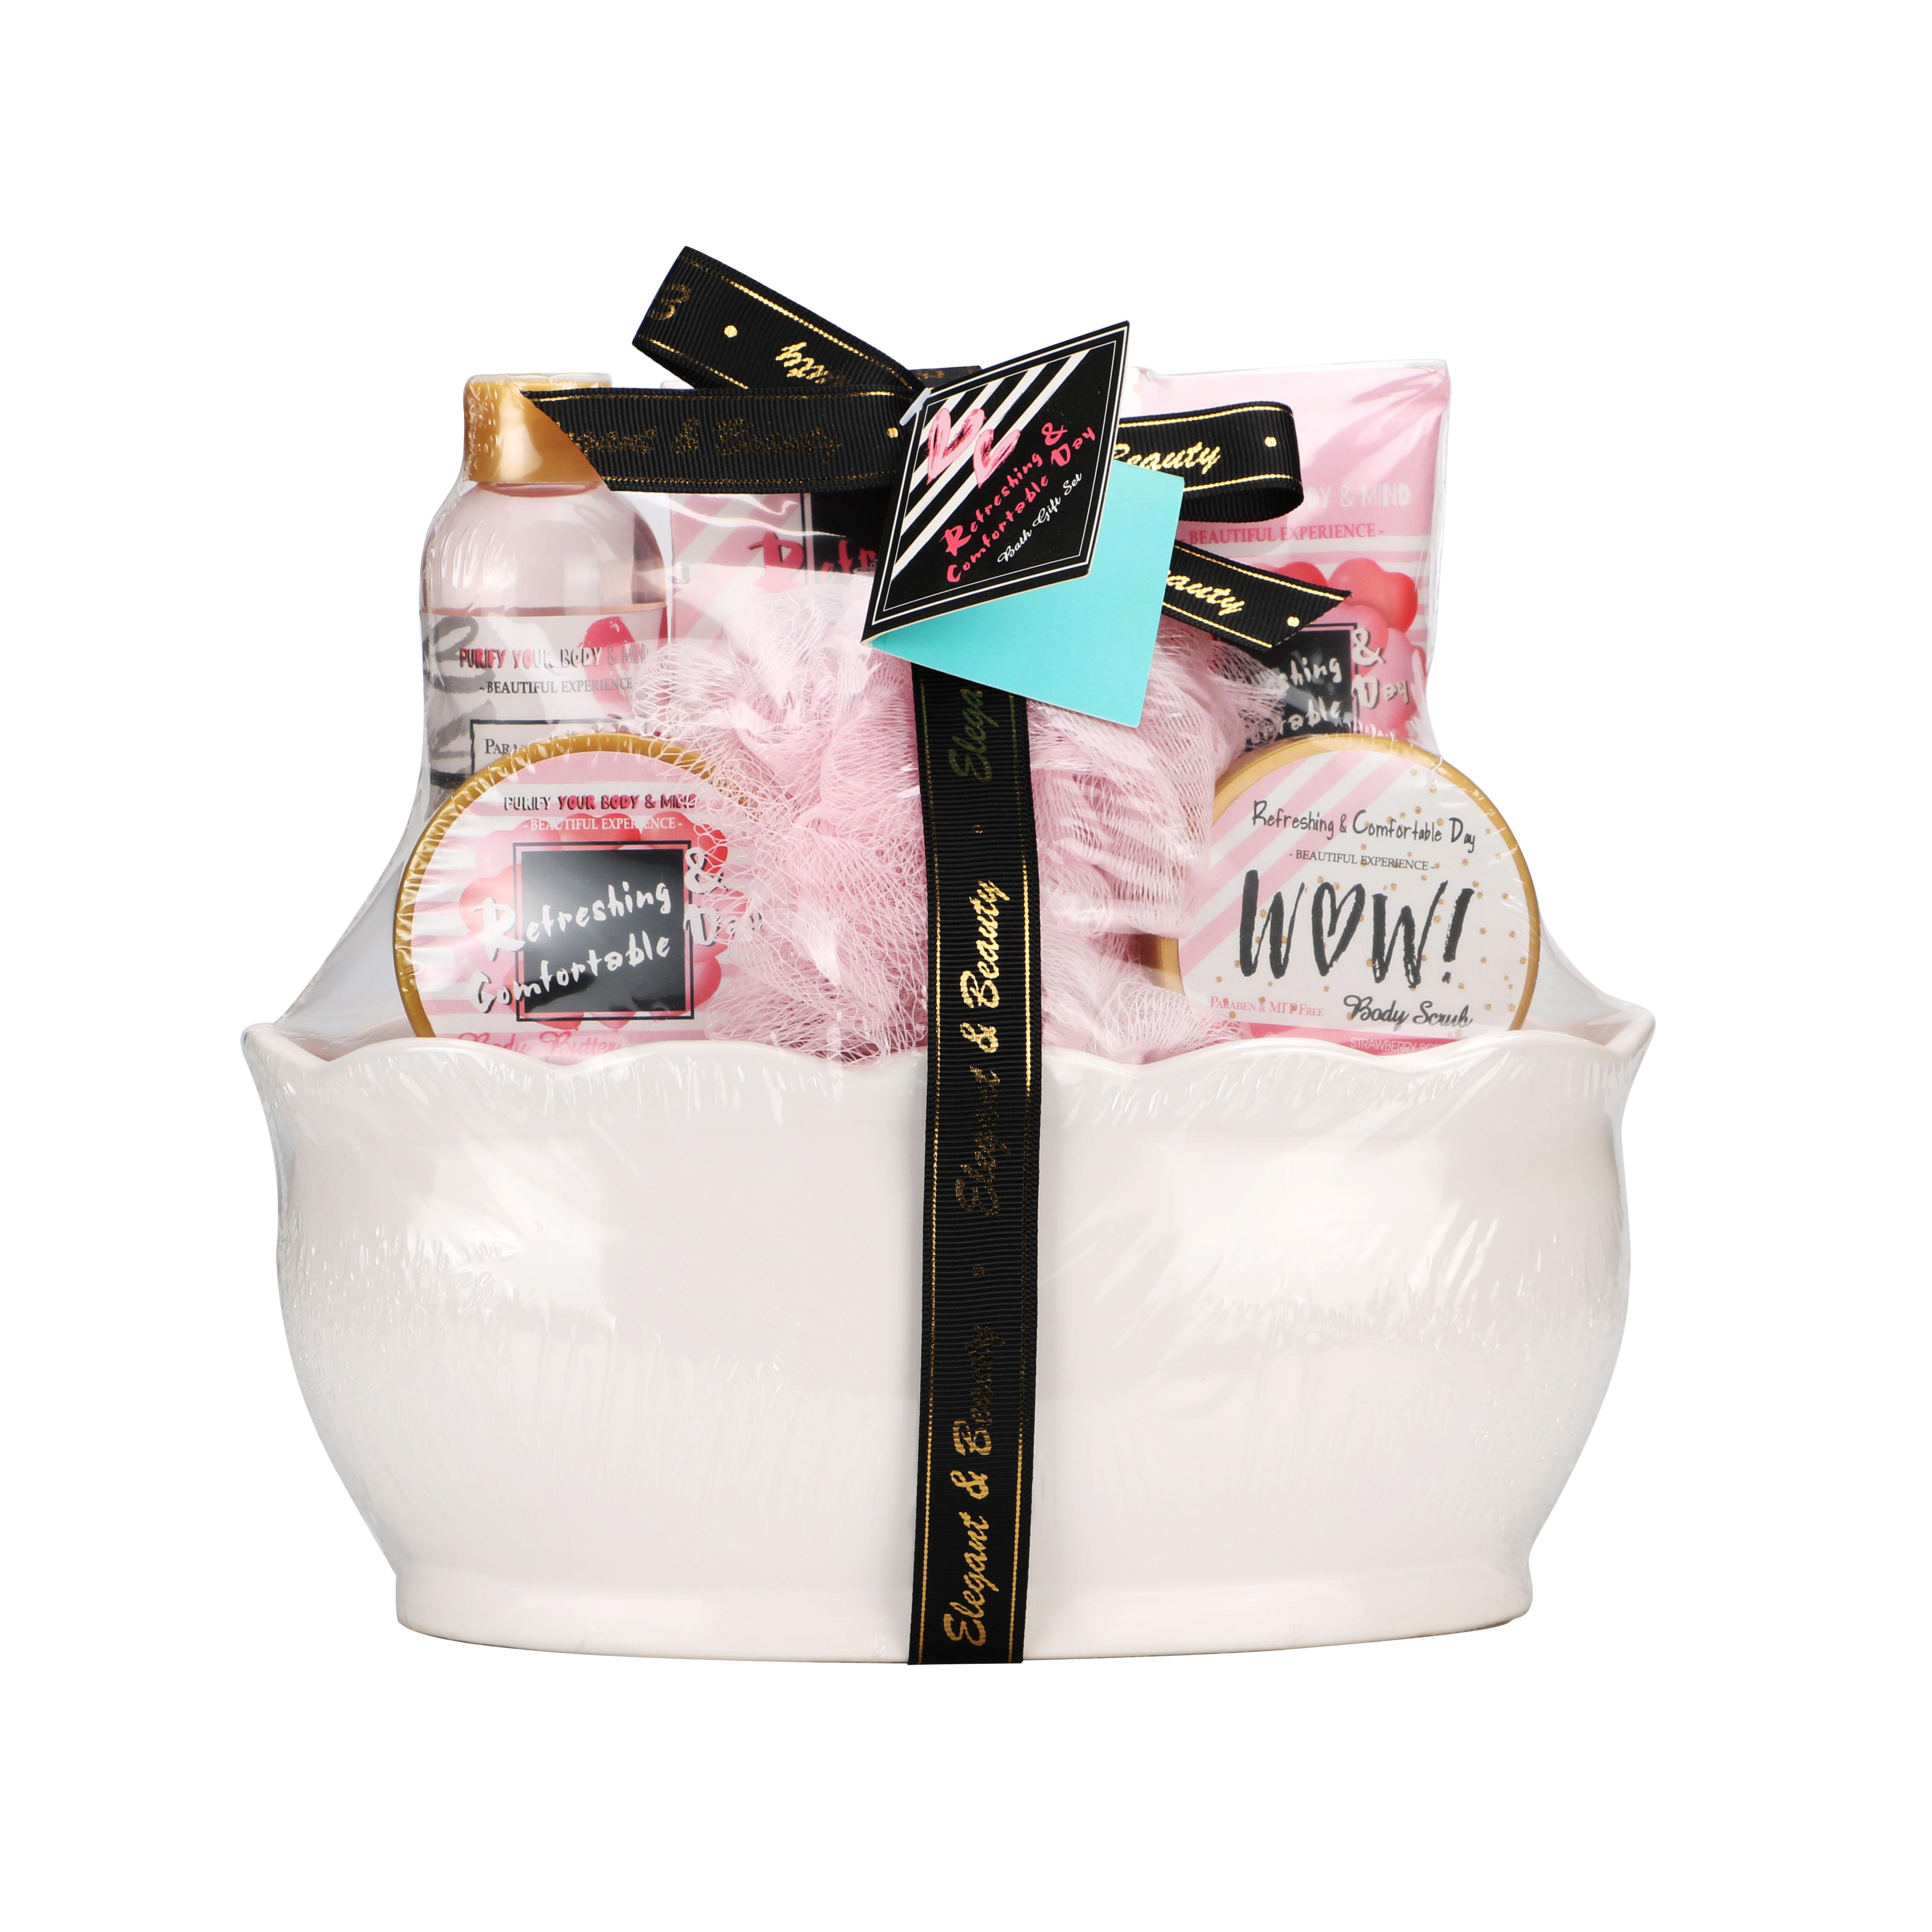 Oem оптовая продажа, хорошее качество, роскошный модный nobleness, праздничный ароматный Набор для спа-ванны, подарок, лосьон для ванны и набор бомбочек